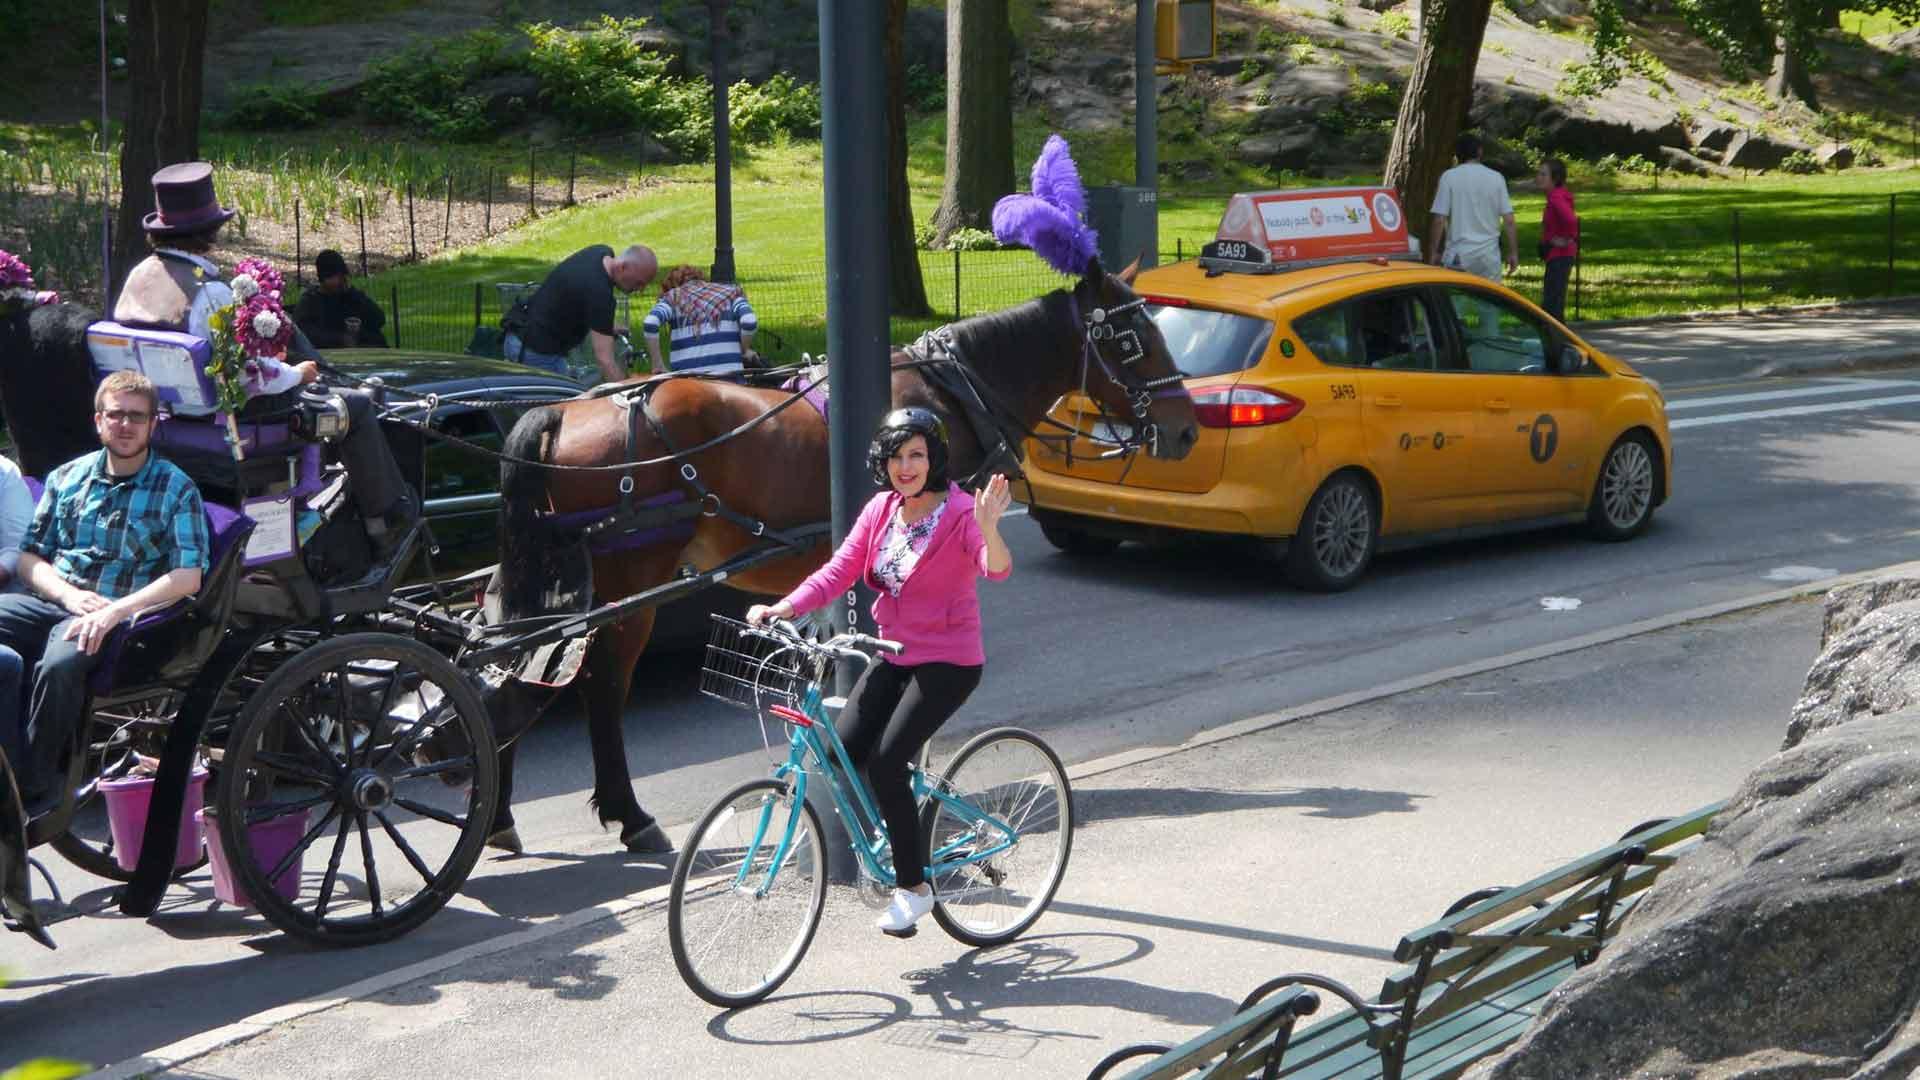 Pyöräretkellä New Yorkin Central Parkin ympäri. Vuosi 2014.